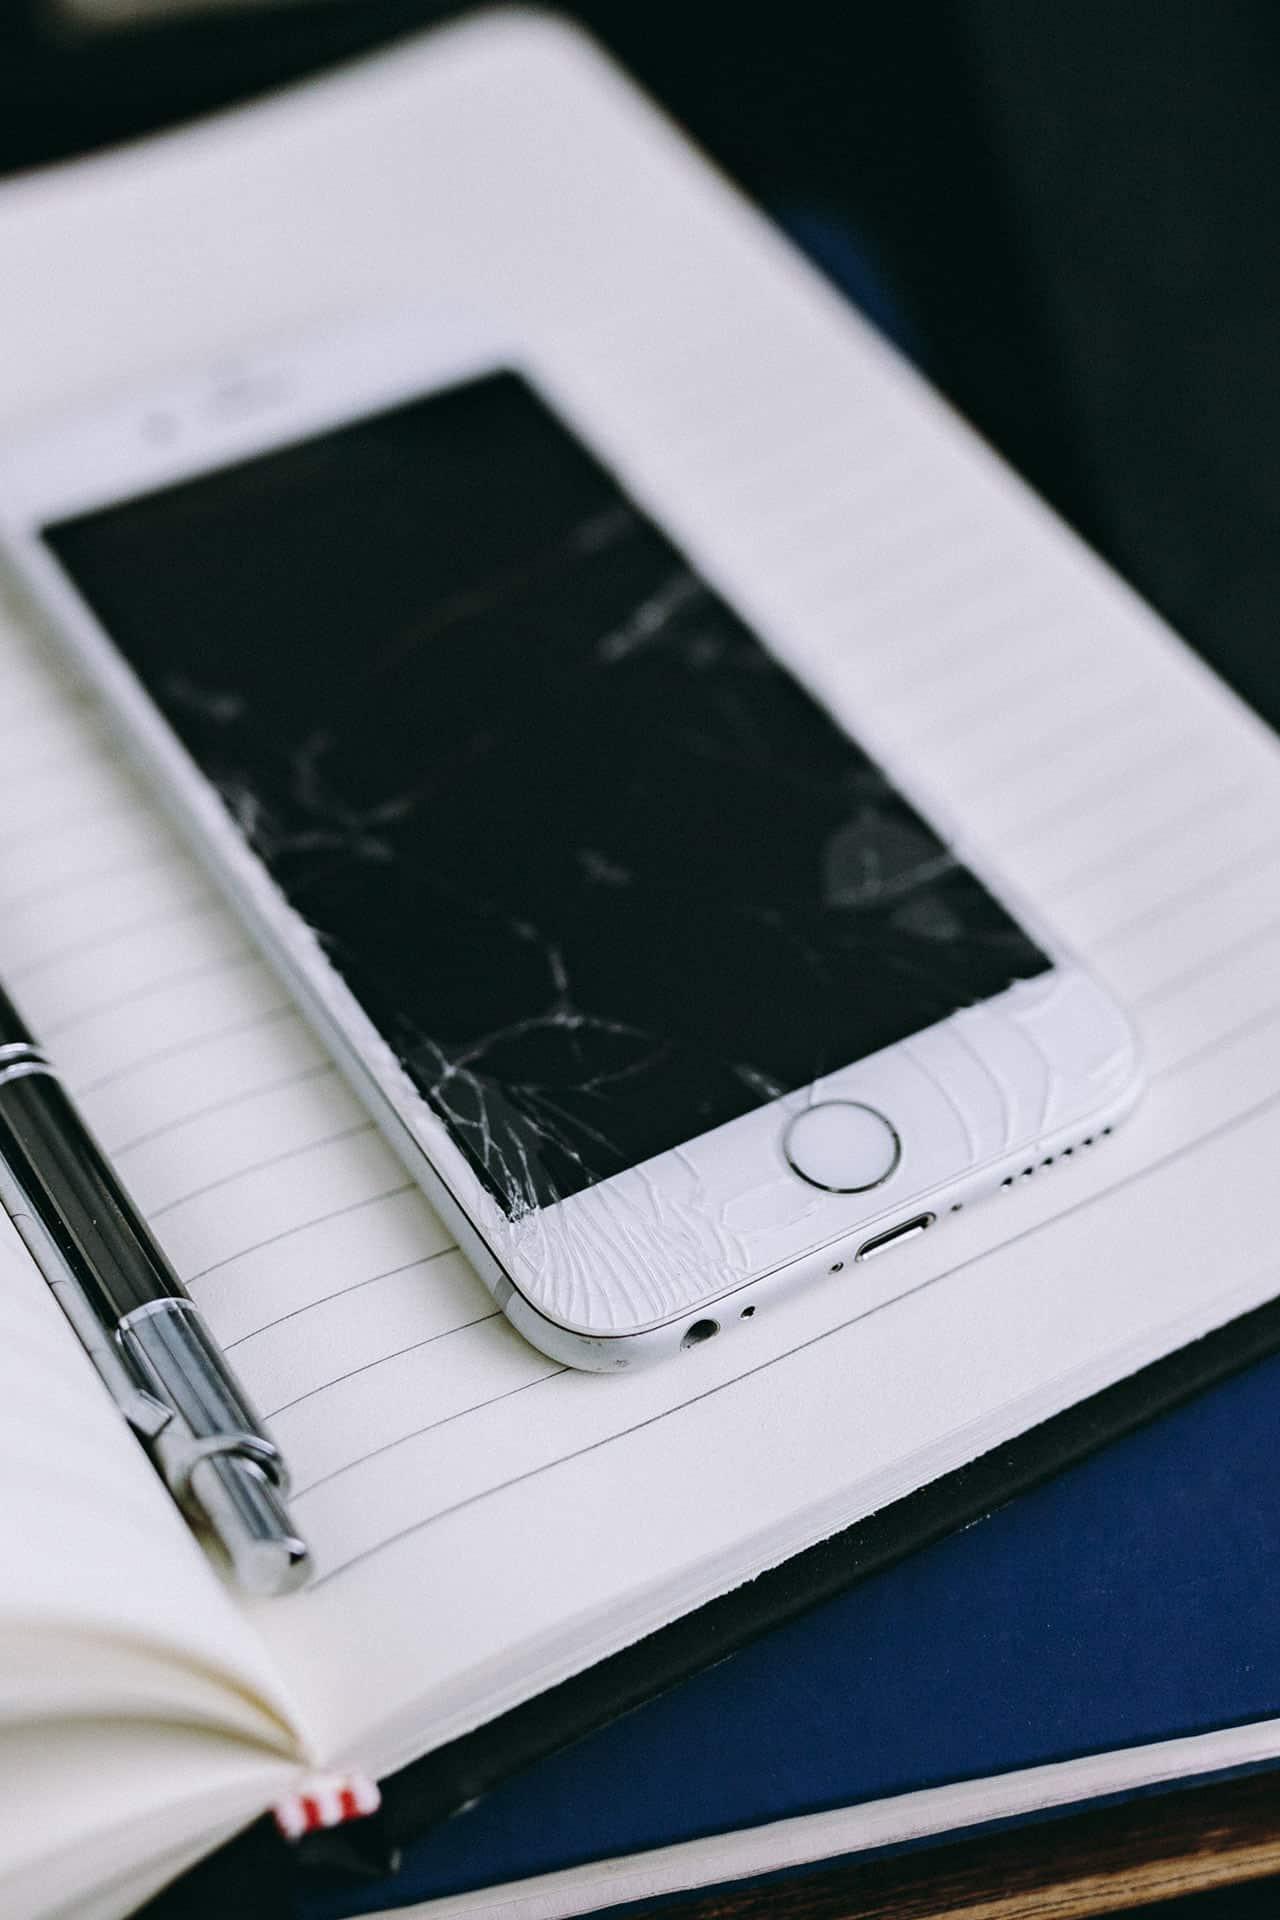 Riparazione iPhone: dal business plan, al successo